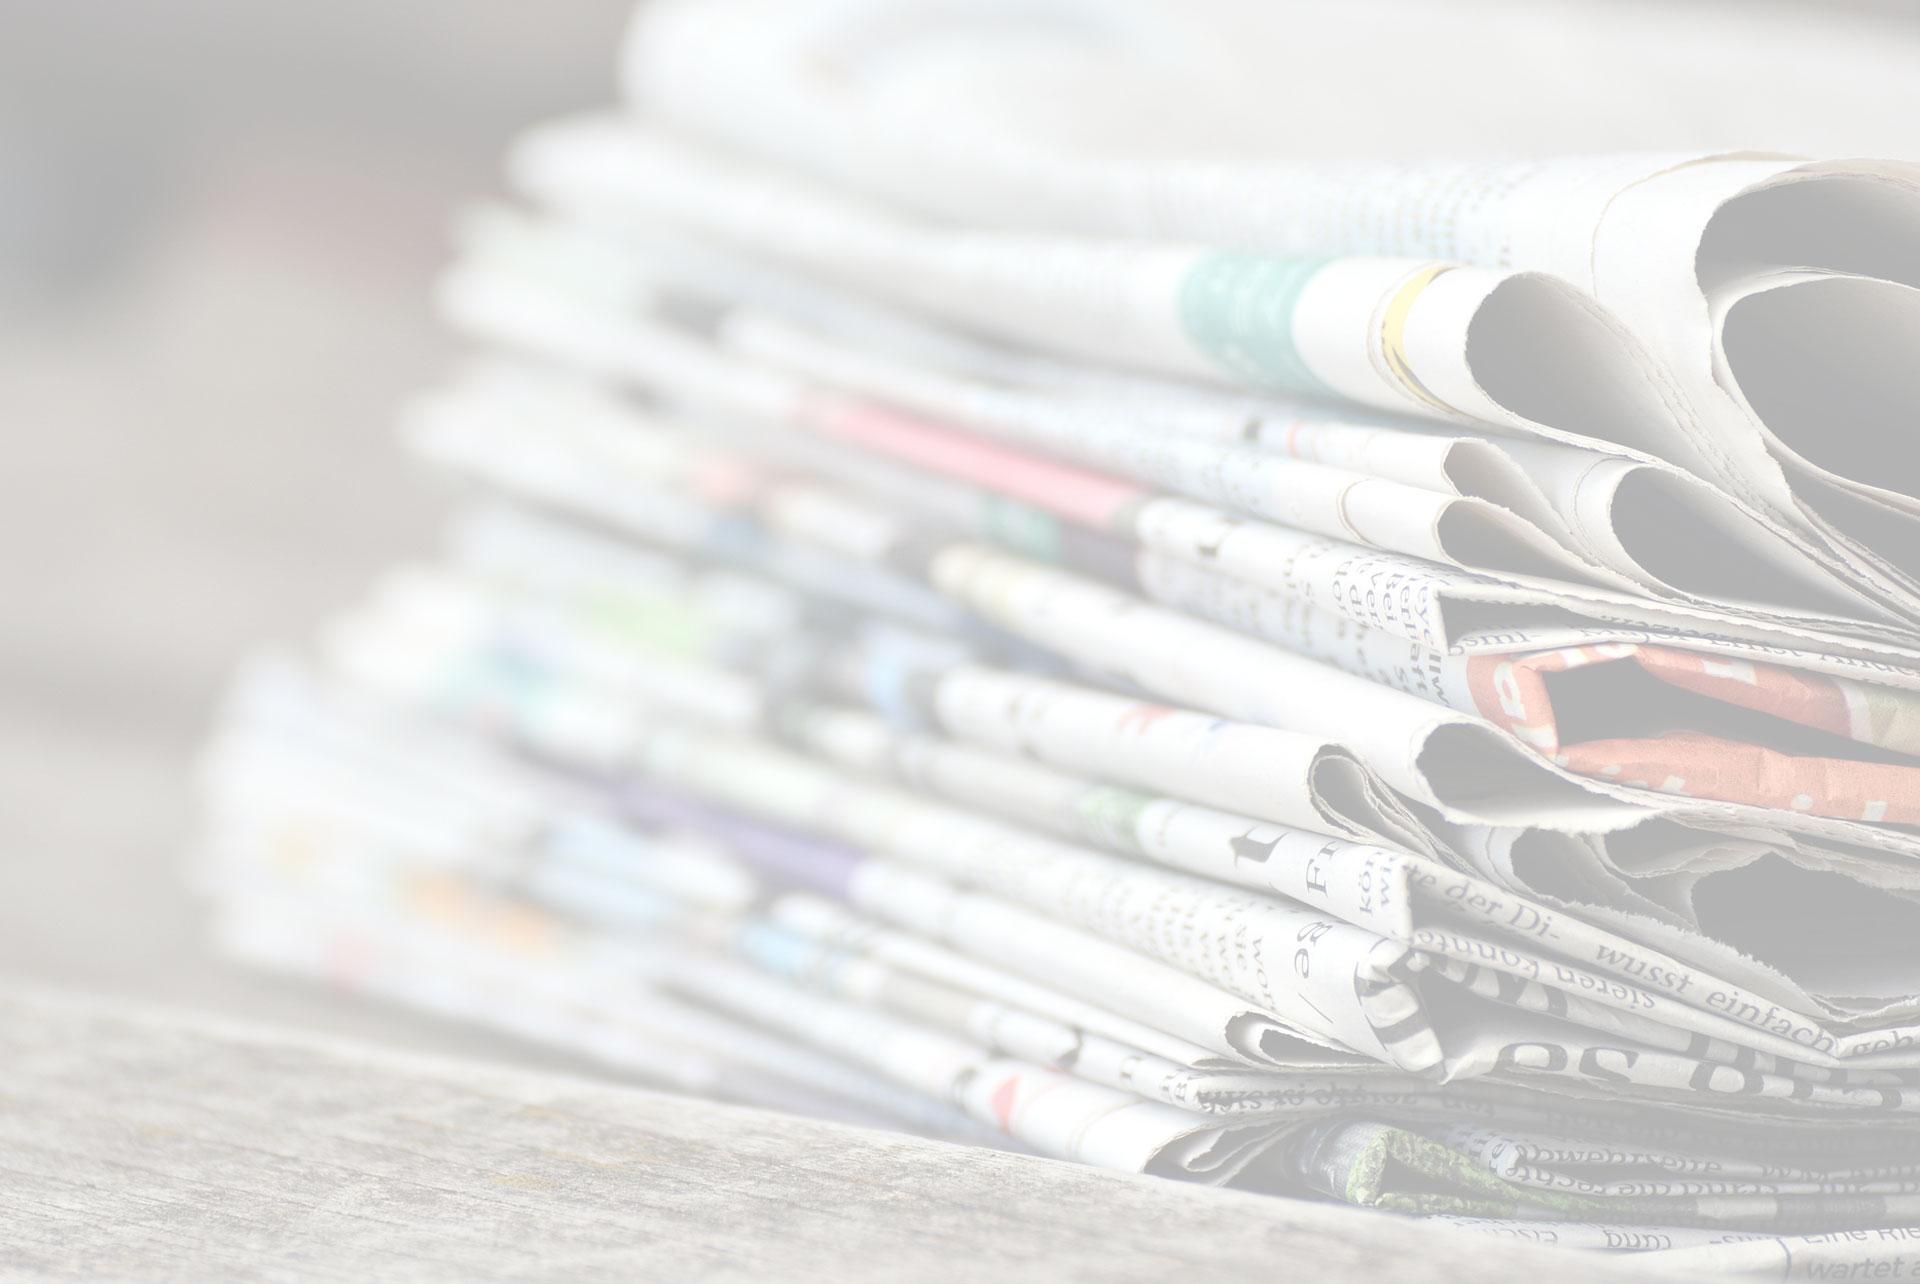 Consultazioni al Quirinale, la proposta di Matteo Salvini